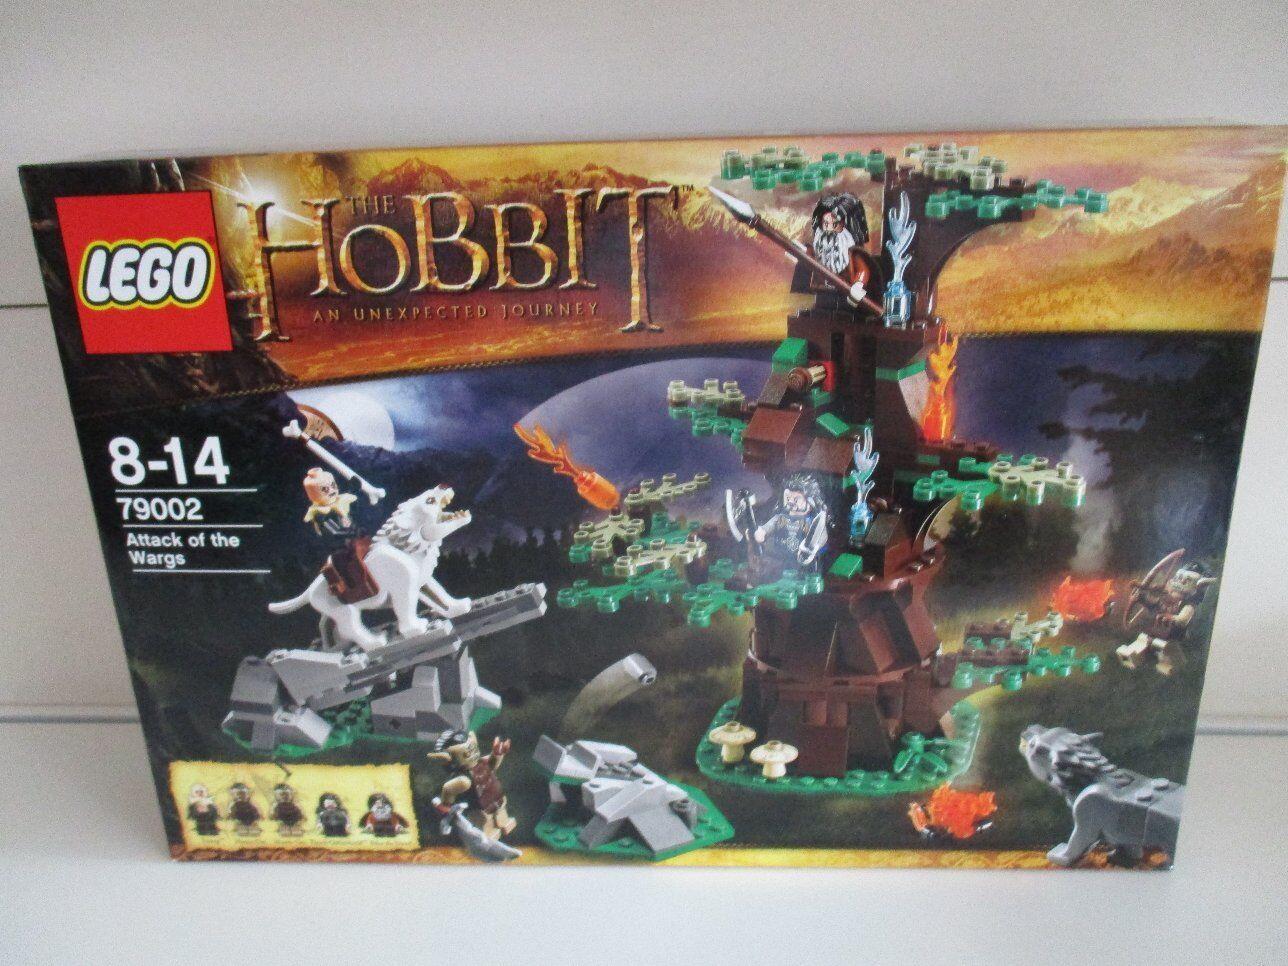 Lego 79002 the hobbit ataque de la wargs nuevo embalaje original sin abrir